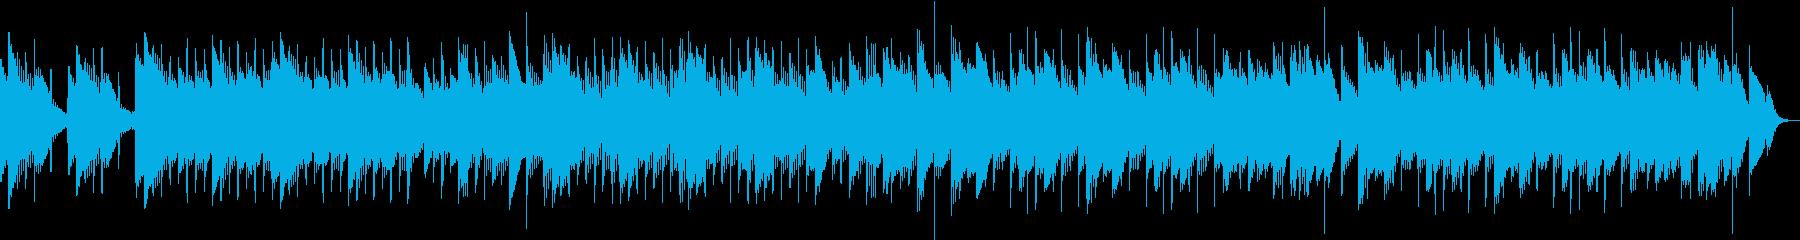 可愛らしい音色が印象的なゆったり音楽の再生済みの波形